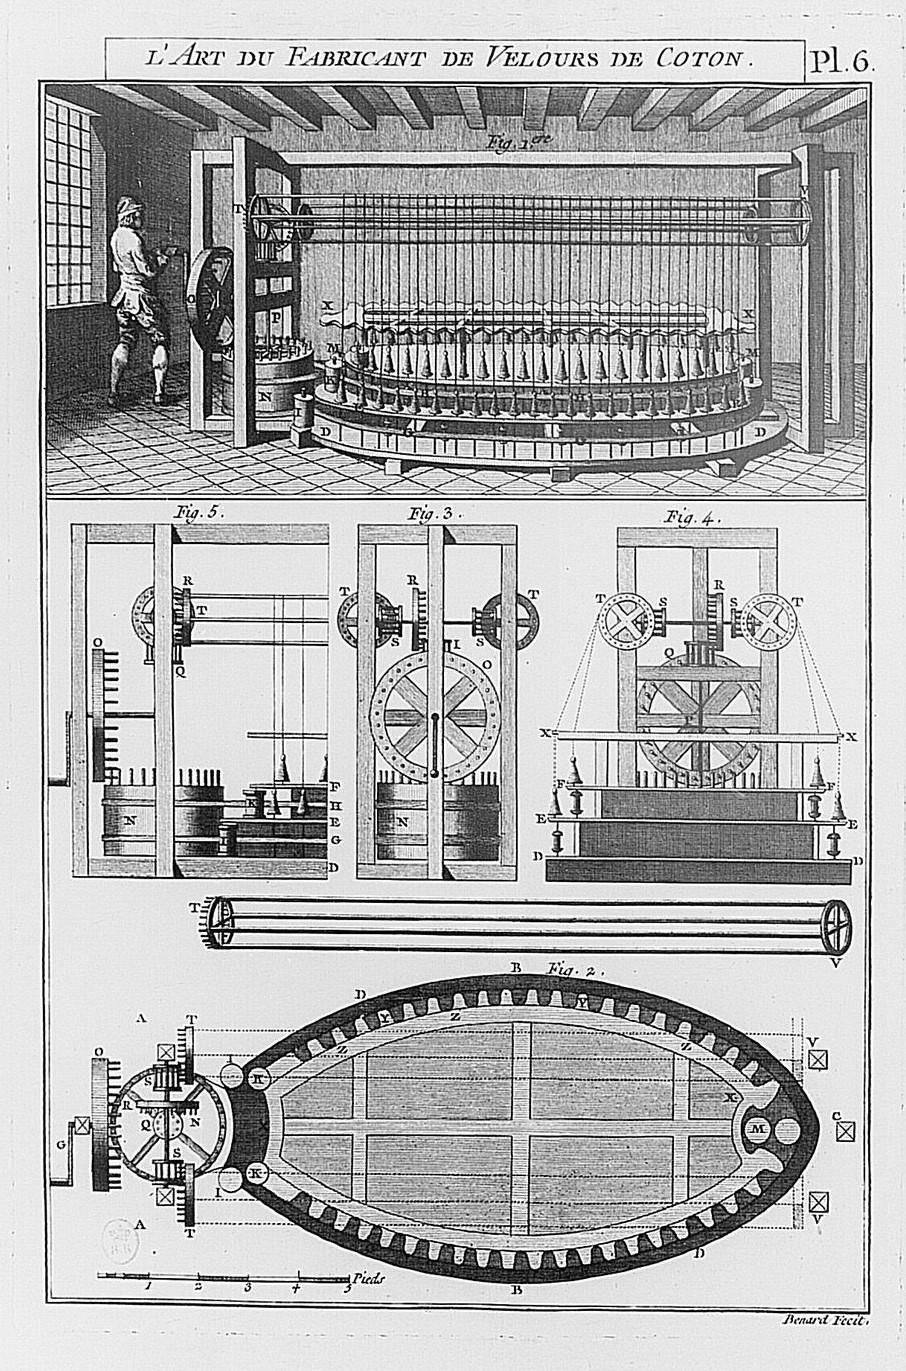 La mode et les vêtements au XVIIIe siècle  - Page 8 Illust13